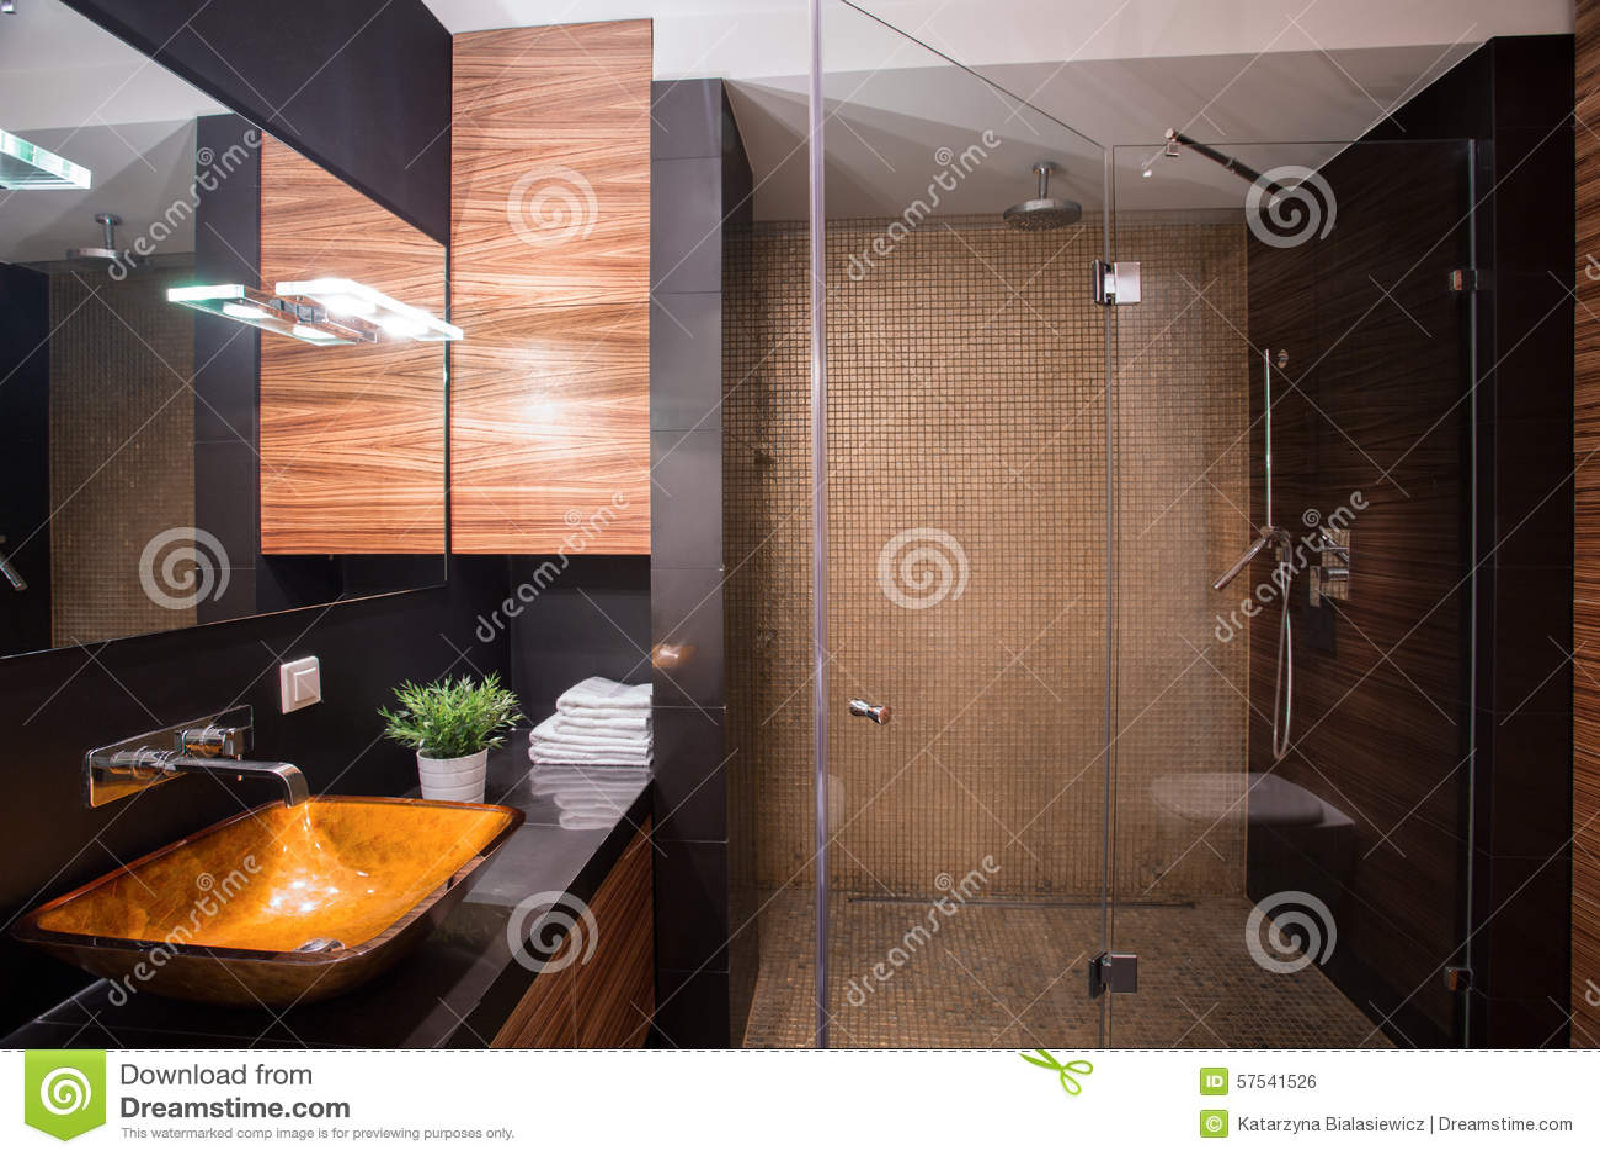 Mörkt badrum med den stora duschen arkivfoto   bild: 57541526